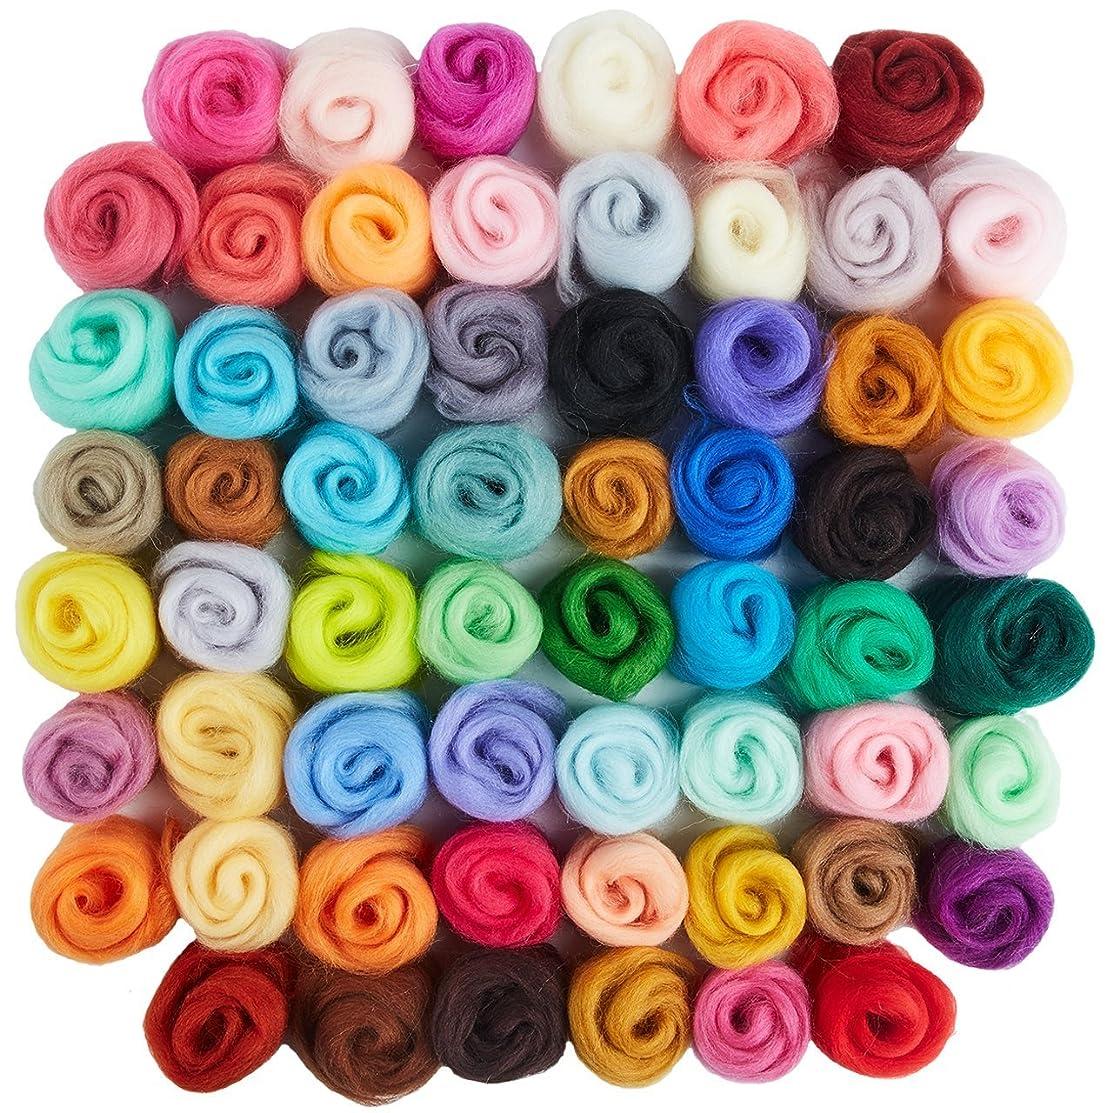 Vranky 60 Colors Wool Roving/Roving/Roving Wool/Needl/Felting Wool/Fibre Wool